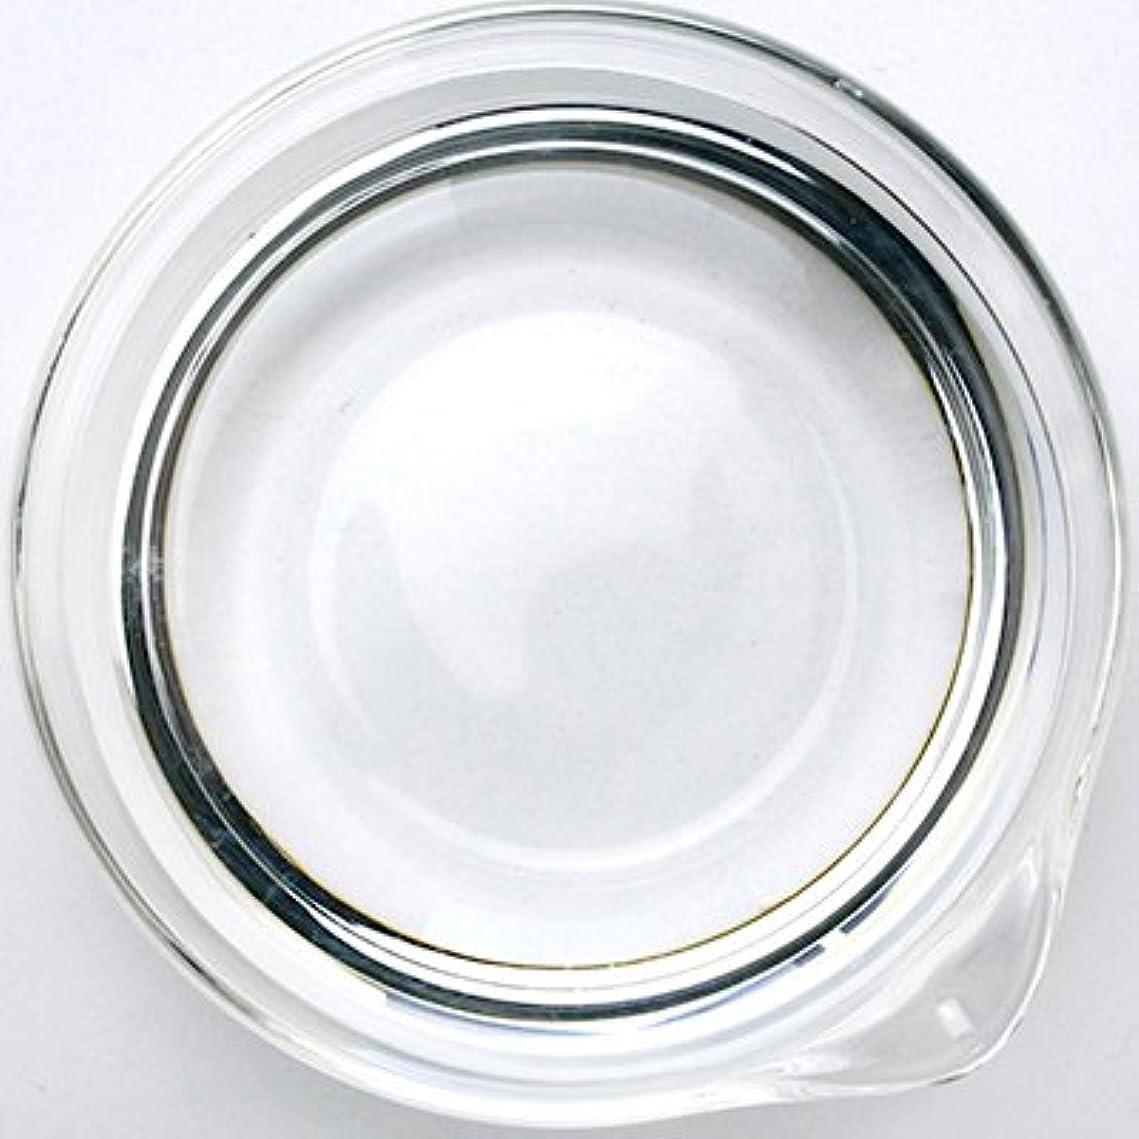 狂気長いです強調する1,2-ヘキサンジオール 100ml 【防腐剤/抗菌剤/保湿剤/手作りコスメ】